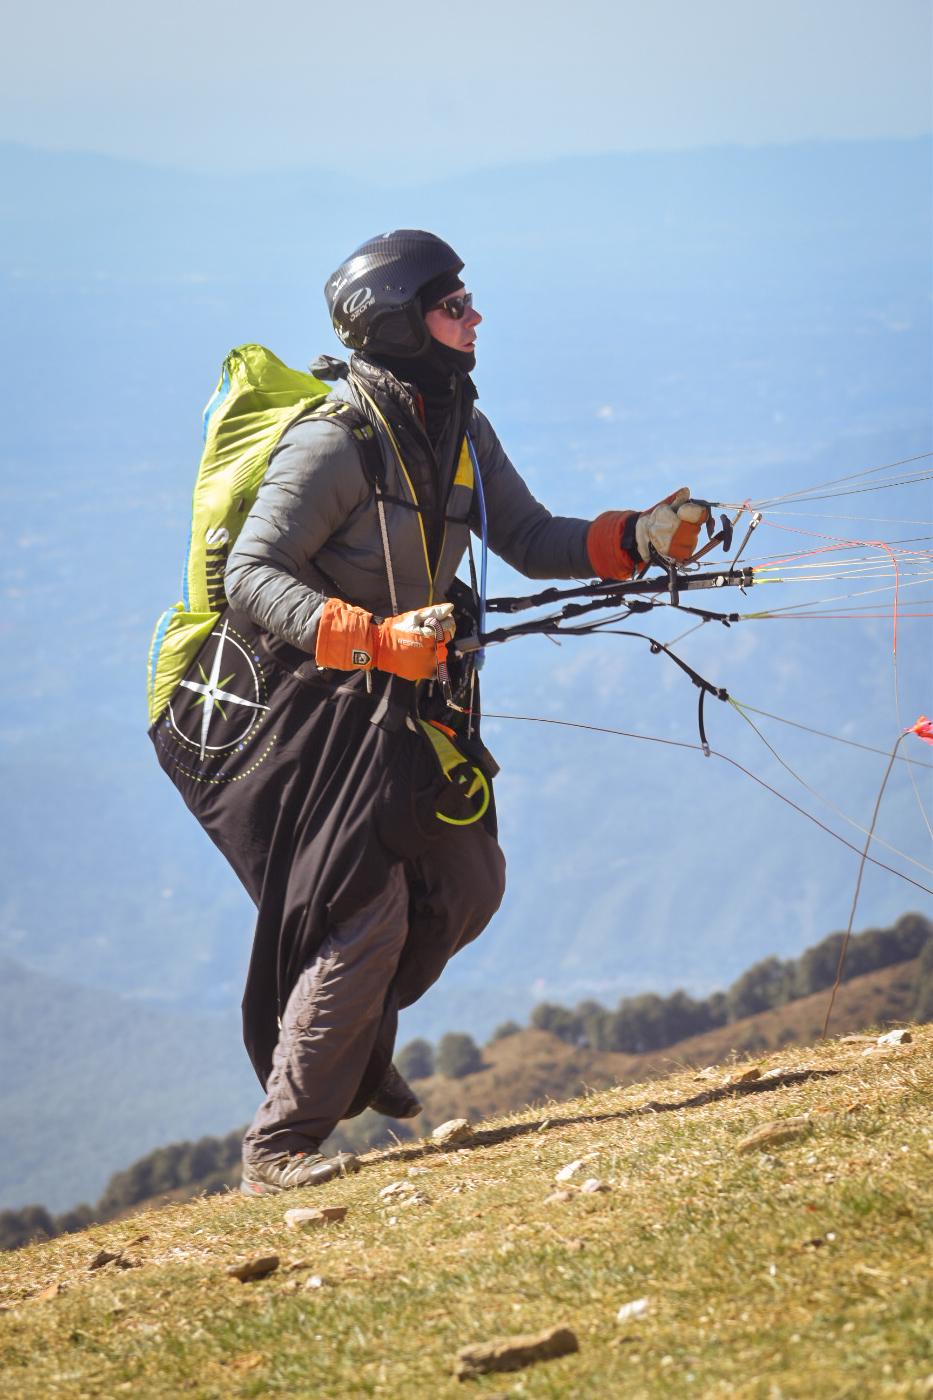 A Person Getting Prepared for Solo Paragliding